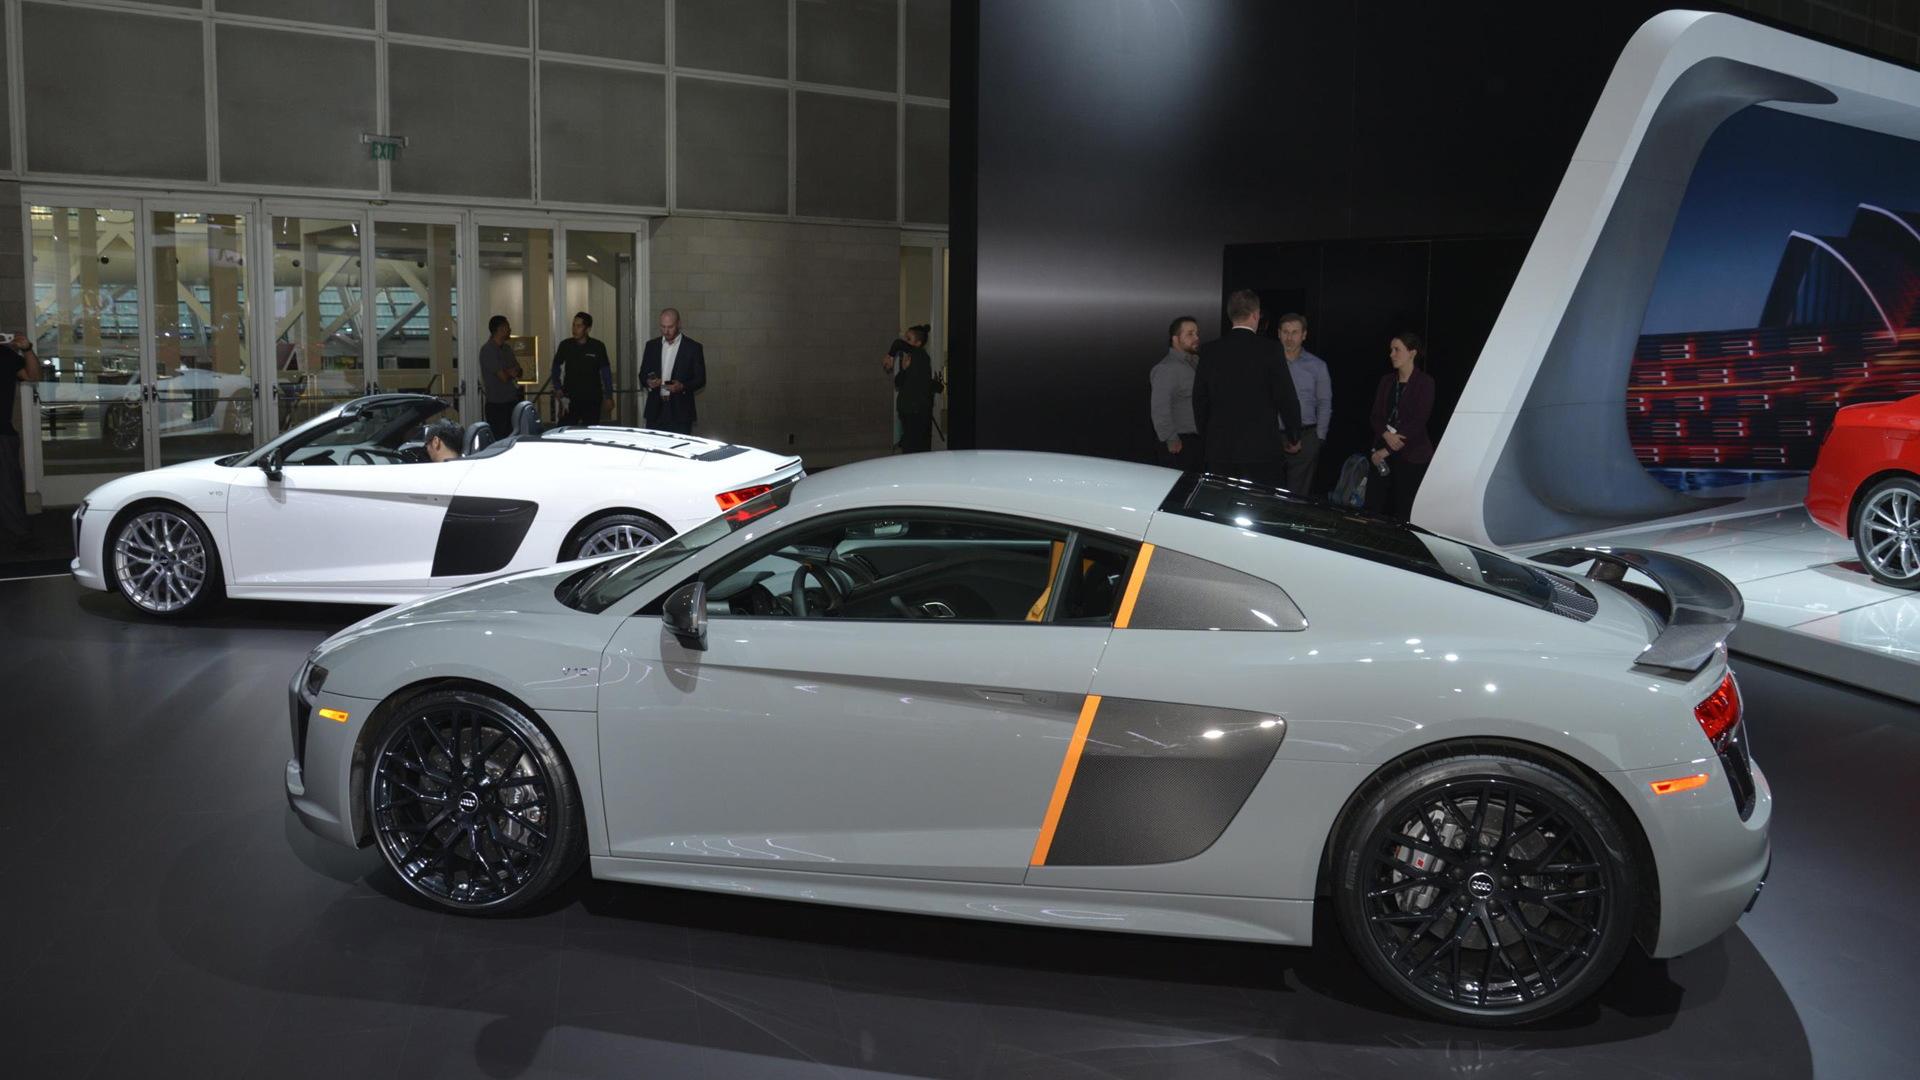 2017 Audi R8 V10 Plus Exclusive Edition, 2016 Los Angeles auto show